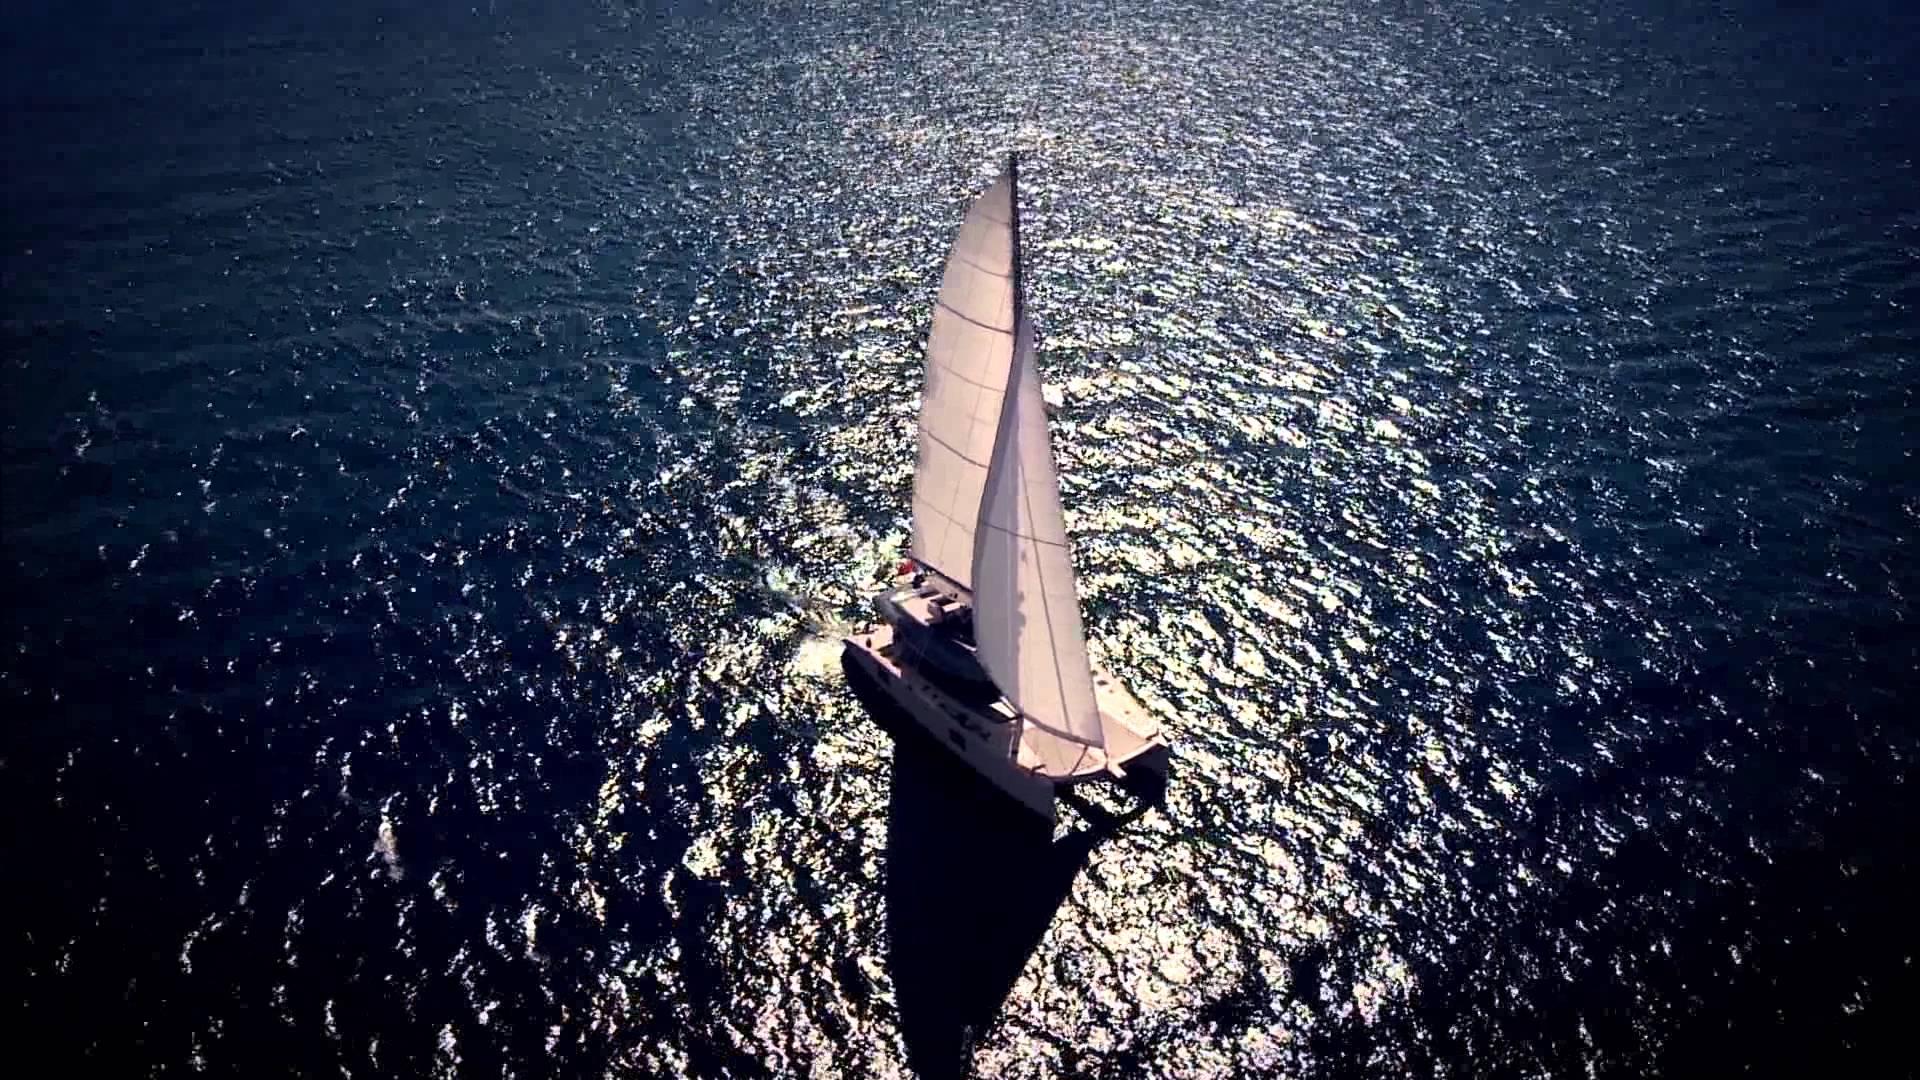 Fort Lauderdale International Boat Show 2015 añade la sección Catamarán Cove